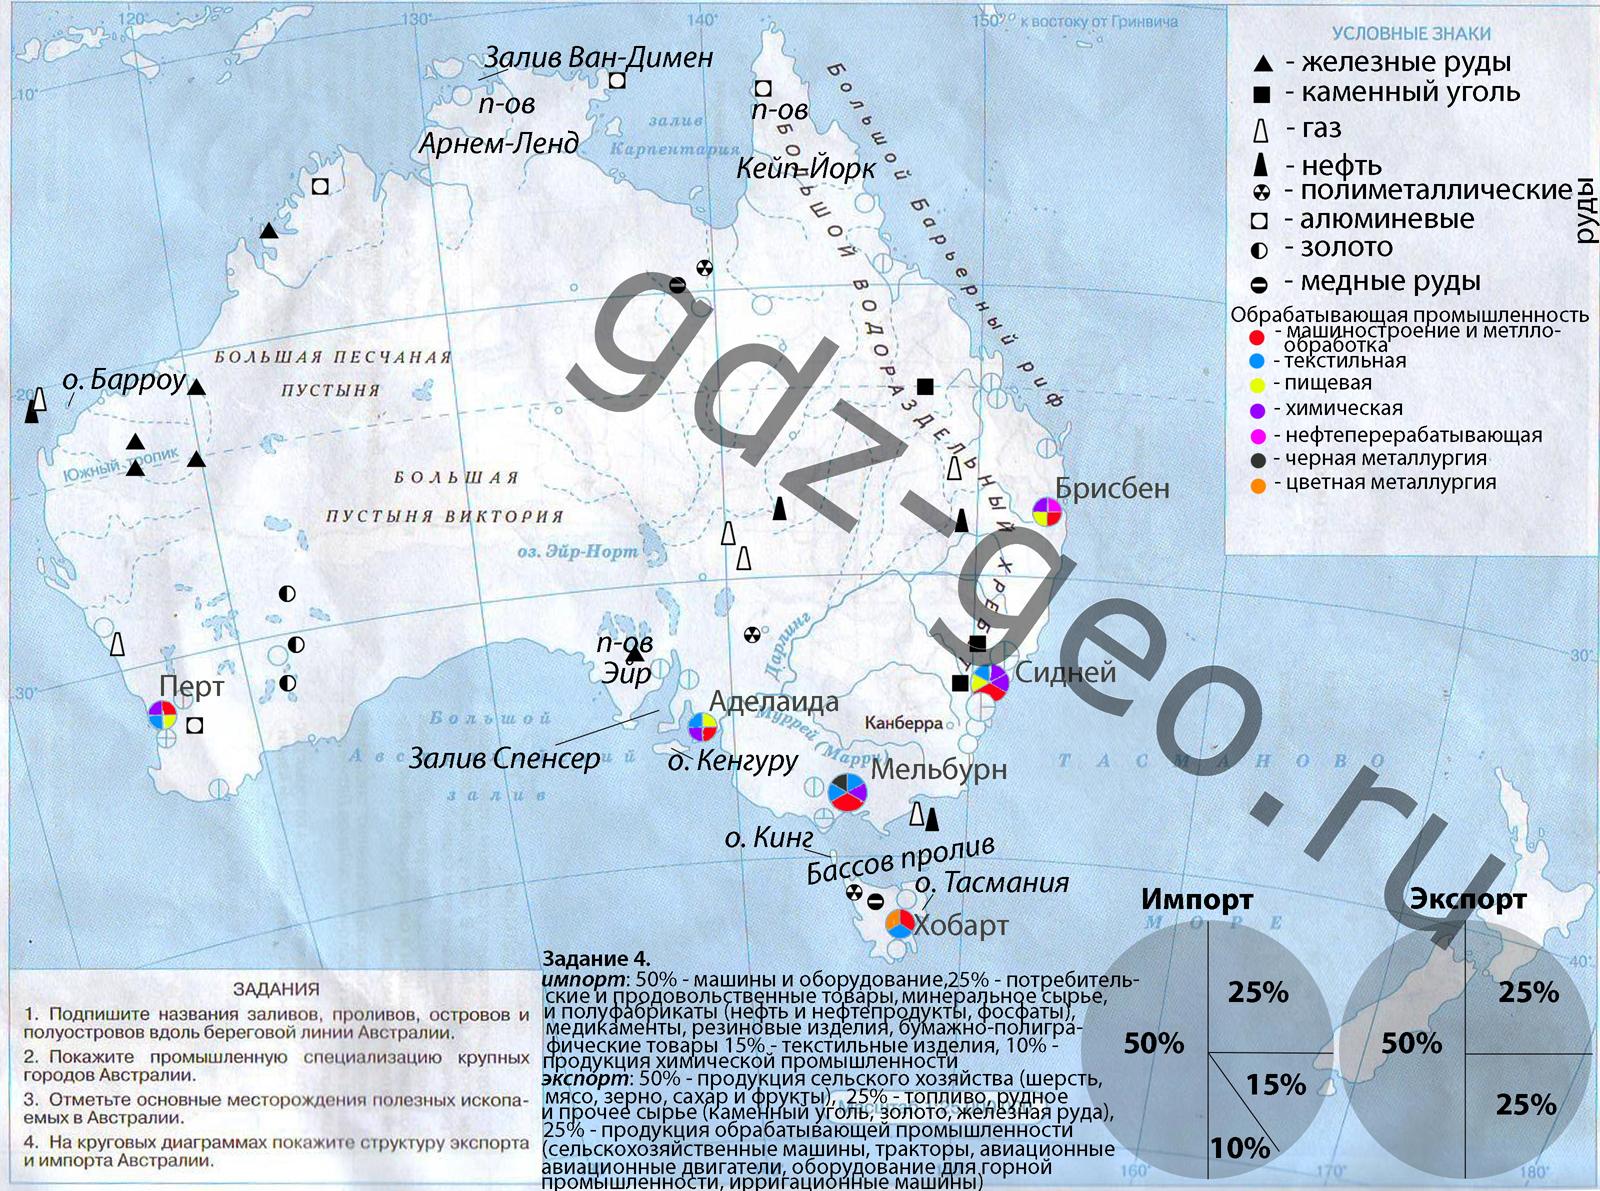 Домашняя работа по географии 7 класс контурные карты австралия готовые задания